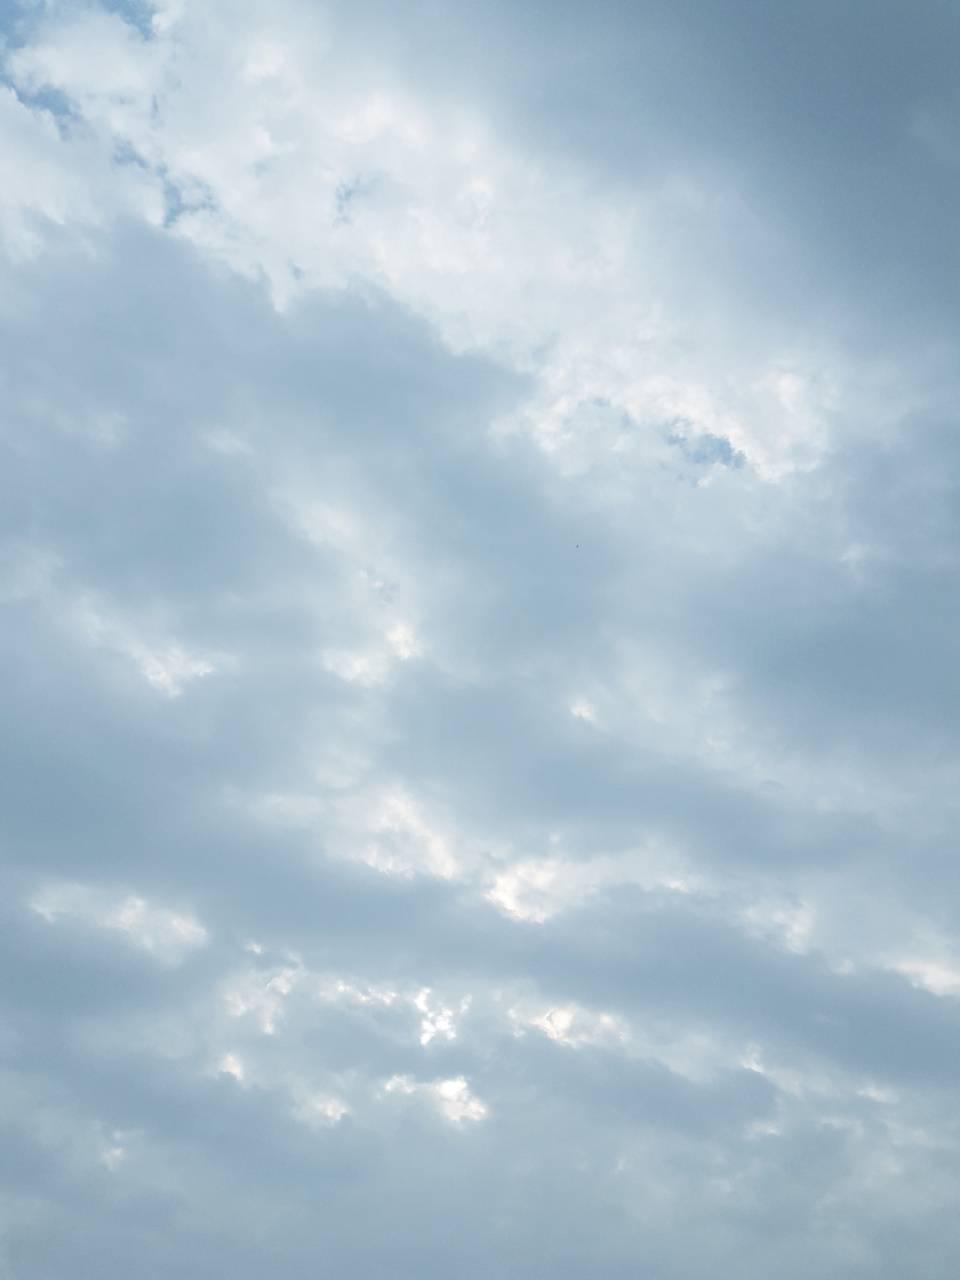 Blue sky cloud view